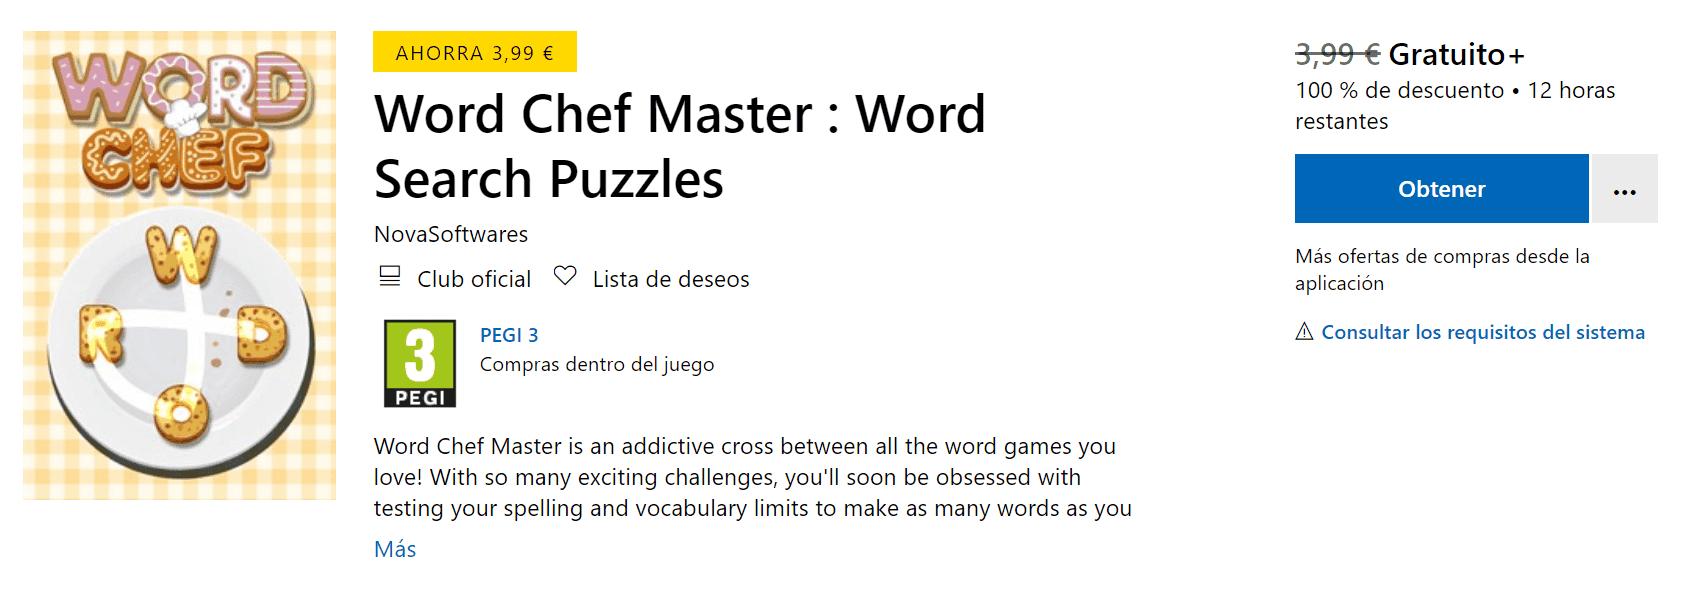 Descarga gratis Word Chef Master para Xbox One y PC